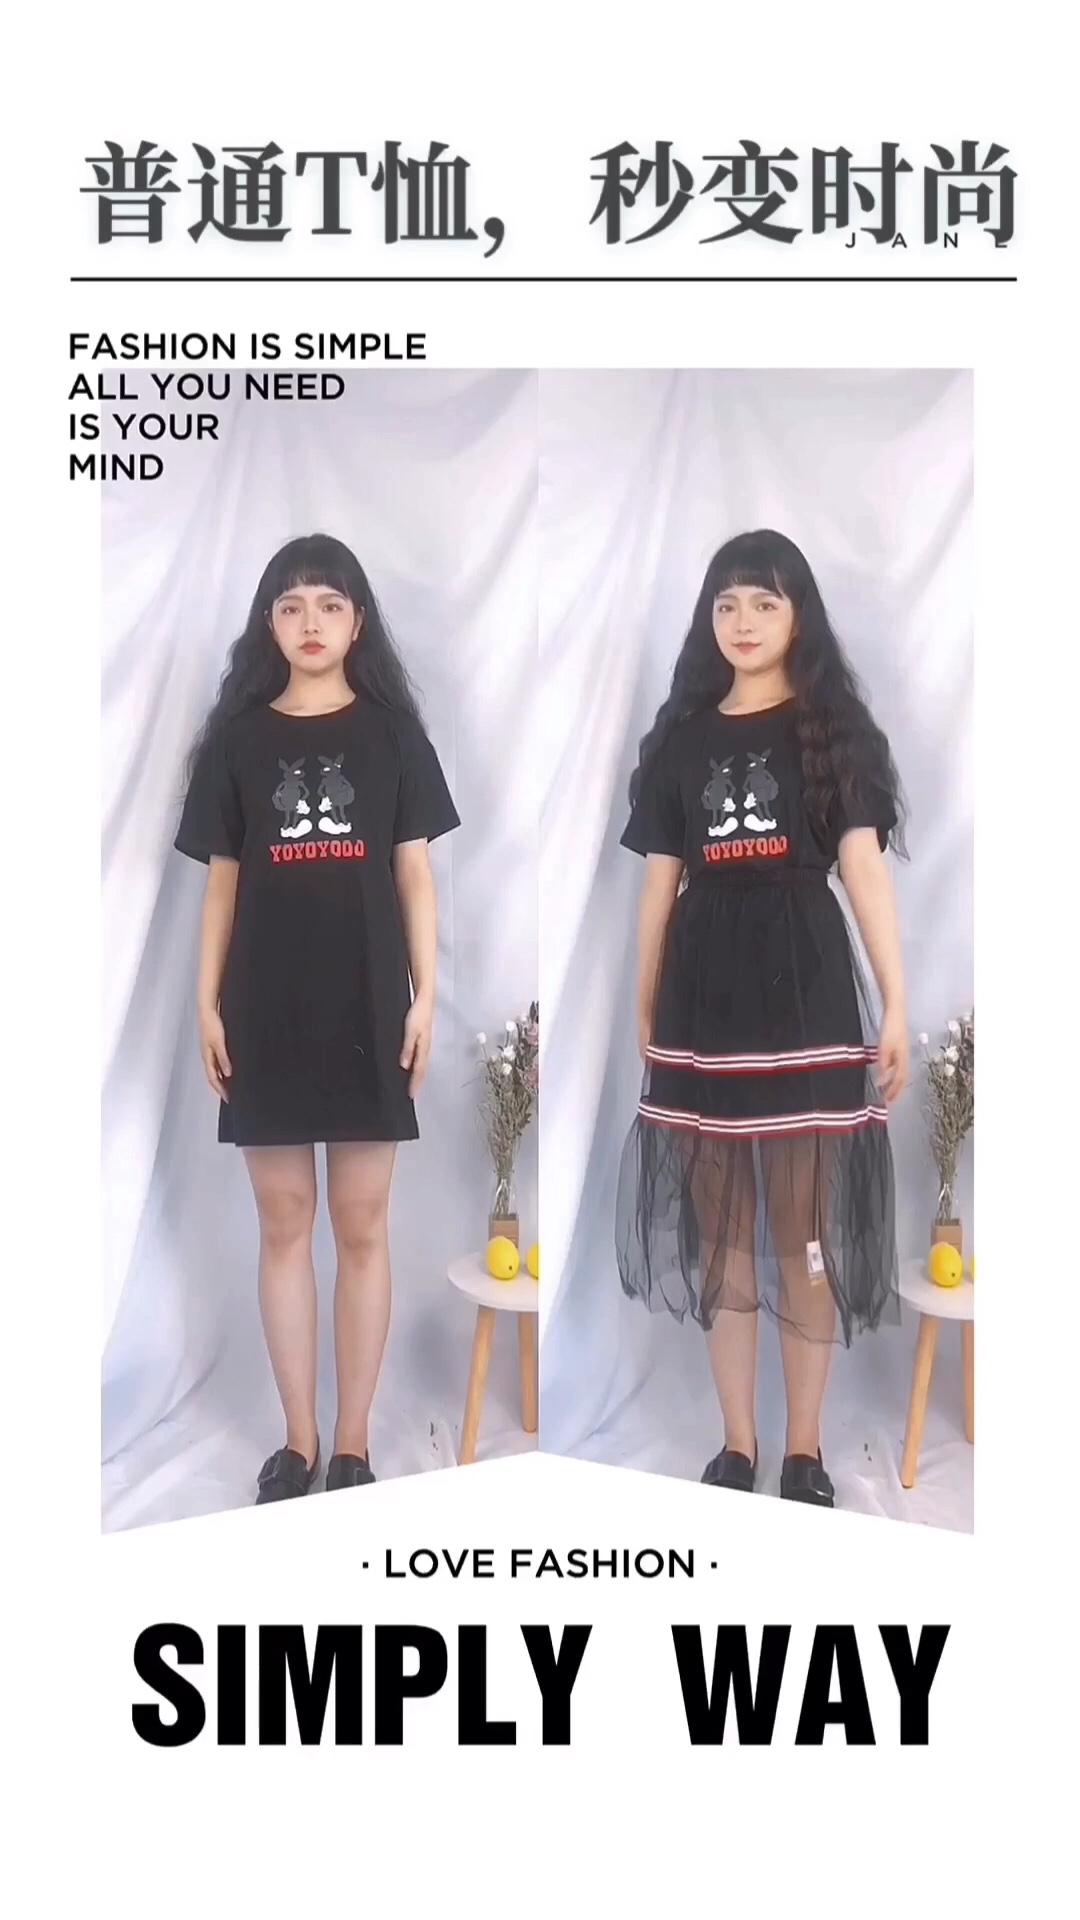 #夏末大戏:腿精的秘密# 一件普通的T恤,配上了网纱半身裙,瞬间就变得不一样了~不仅提高腰线显高,还能修饰腿型,最重要的是立刻变得时尚高级了起来!最后一波夏装,一定要囤它!